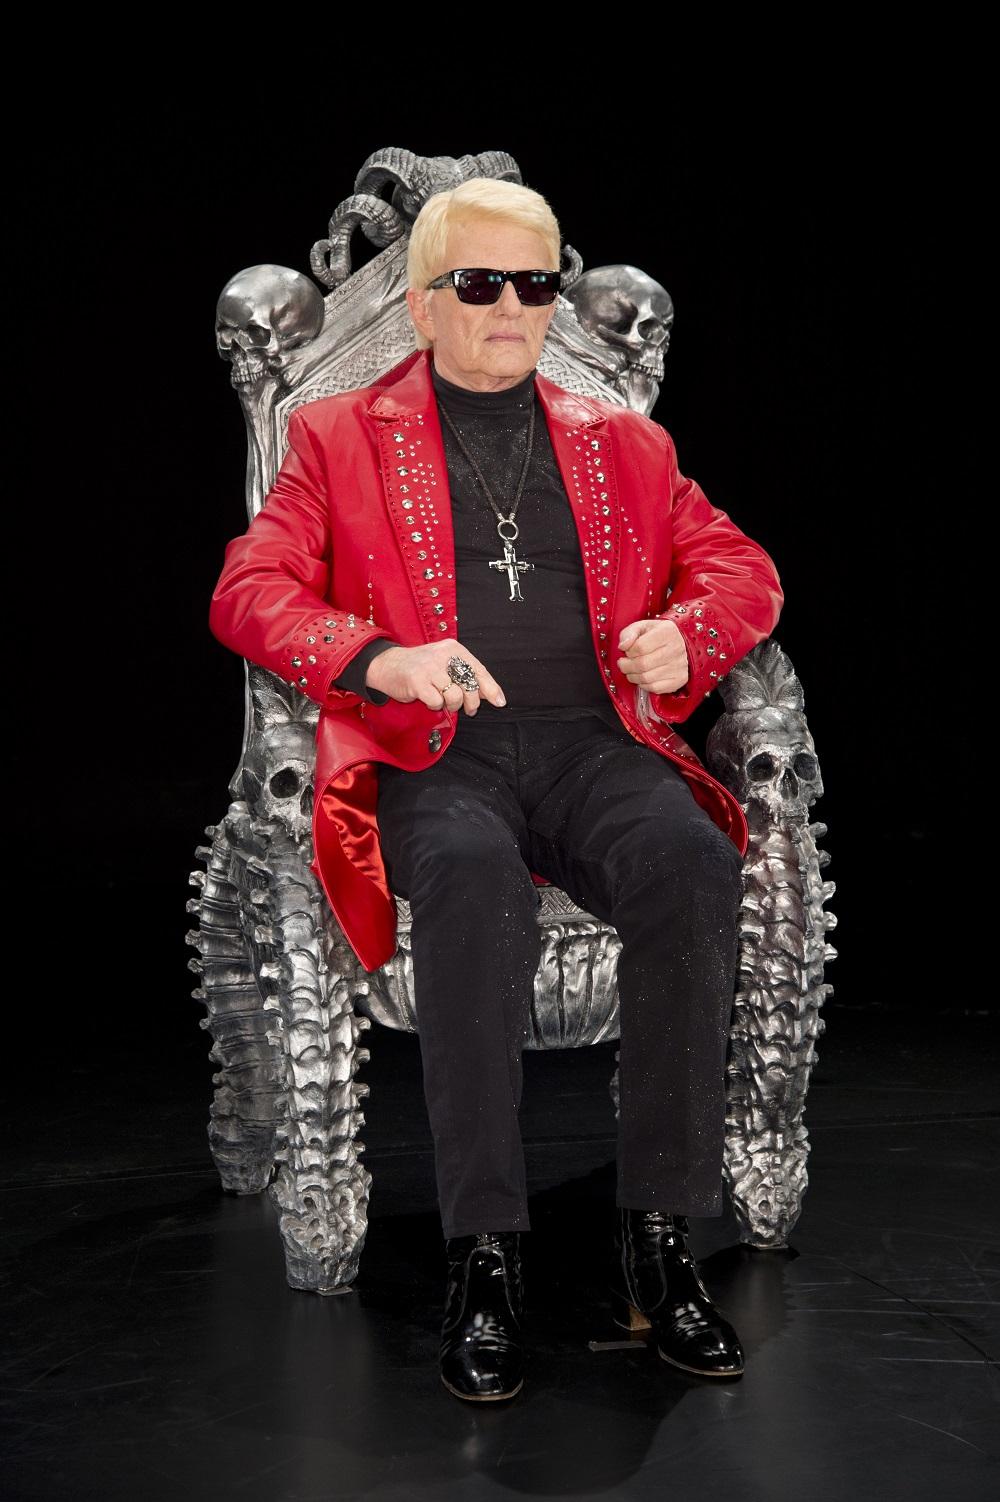 Heino posiert im Totenkopfstuhl für die Hologrammbühne der Mein Schiff 6 Foto: Agentur Schneider-Press/John Farr